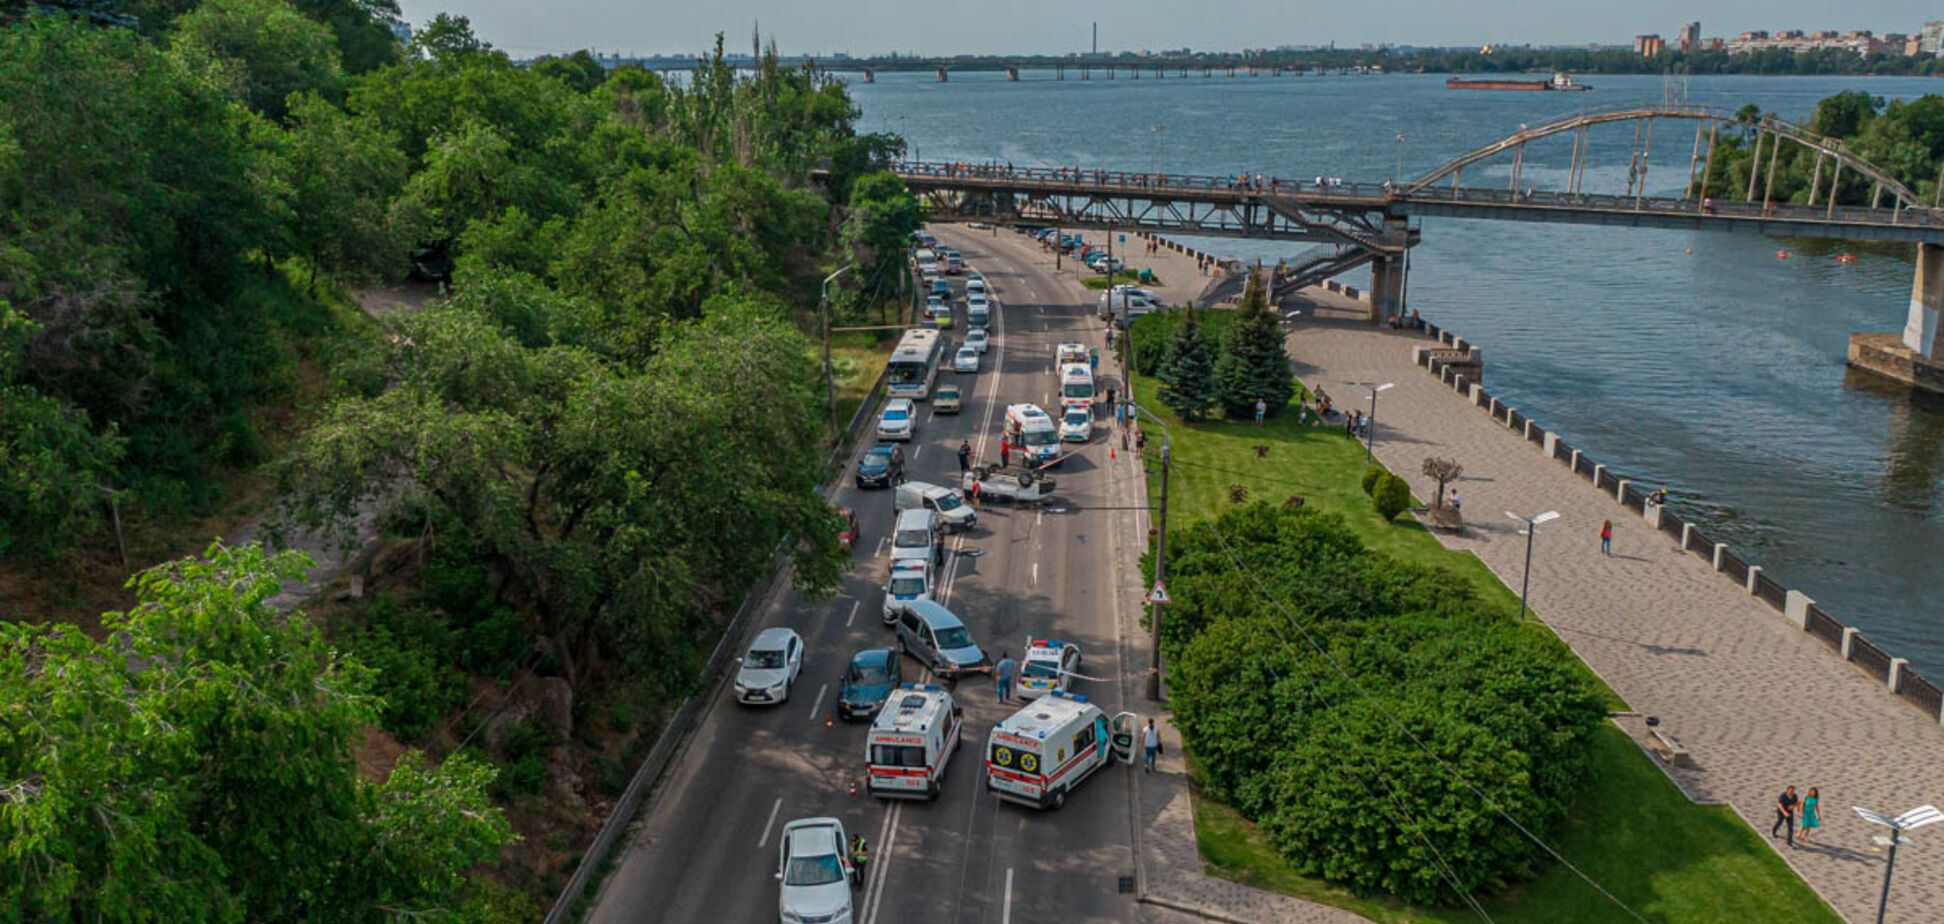 В Днепре на набережной перевернулся микроавтобус: пострадали три человека. Фото